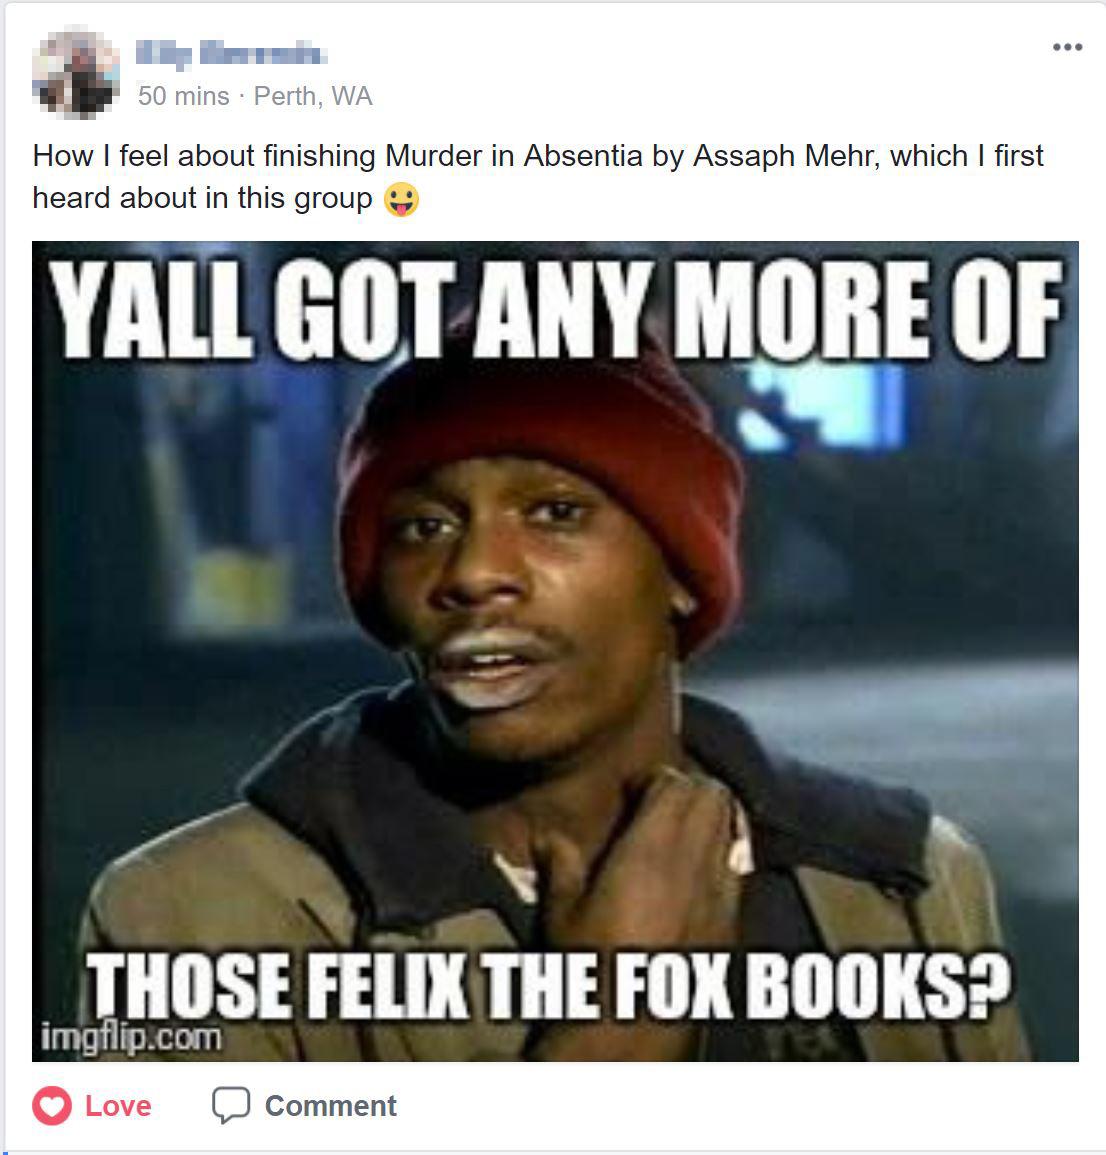 got any more felix anon omg! best meme ever! felix the fox mysteries